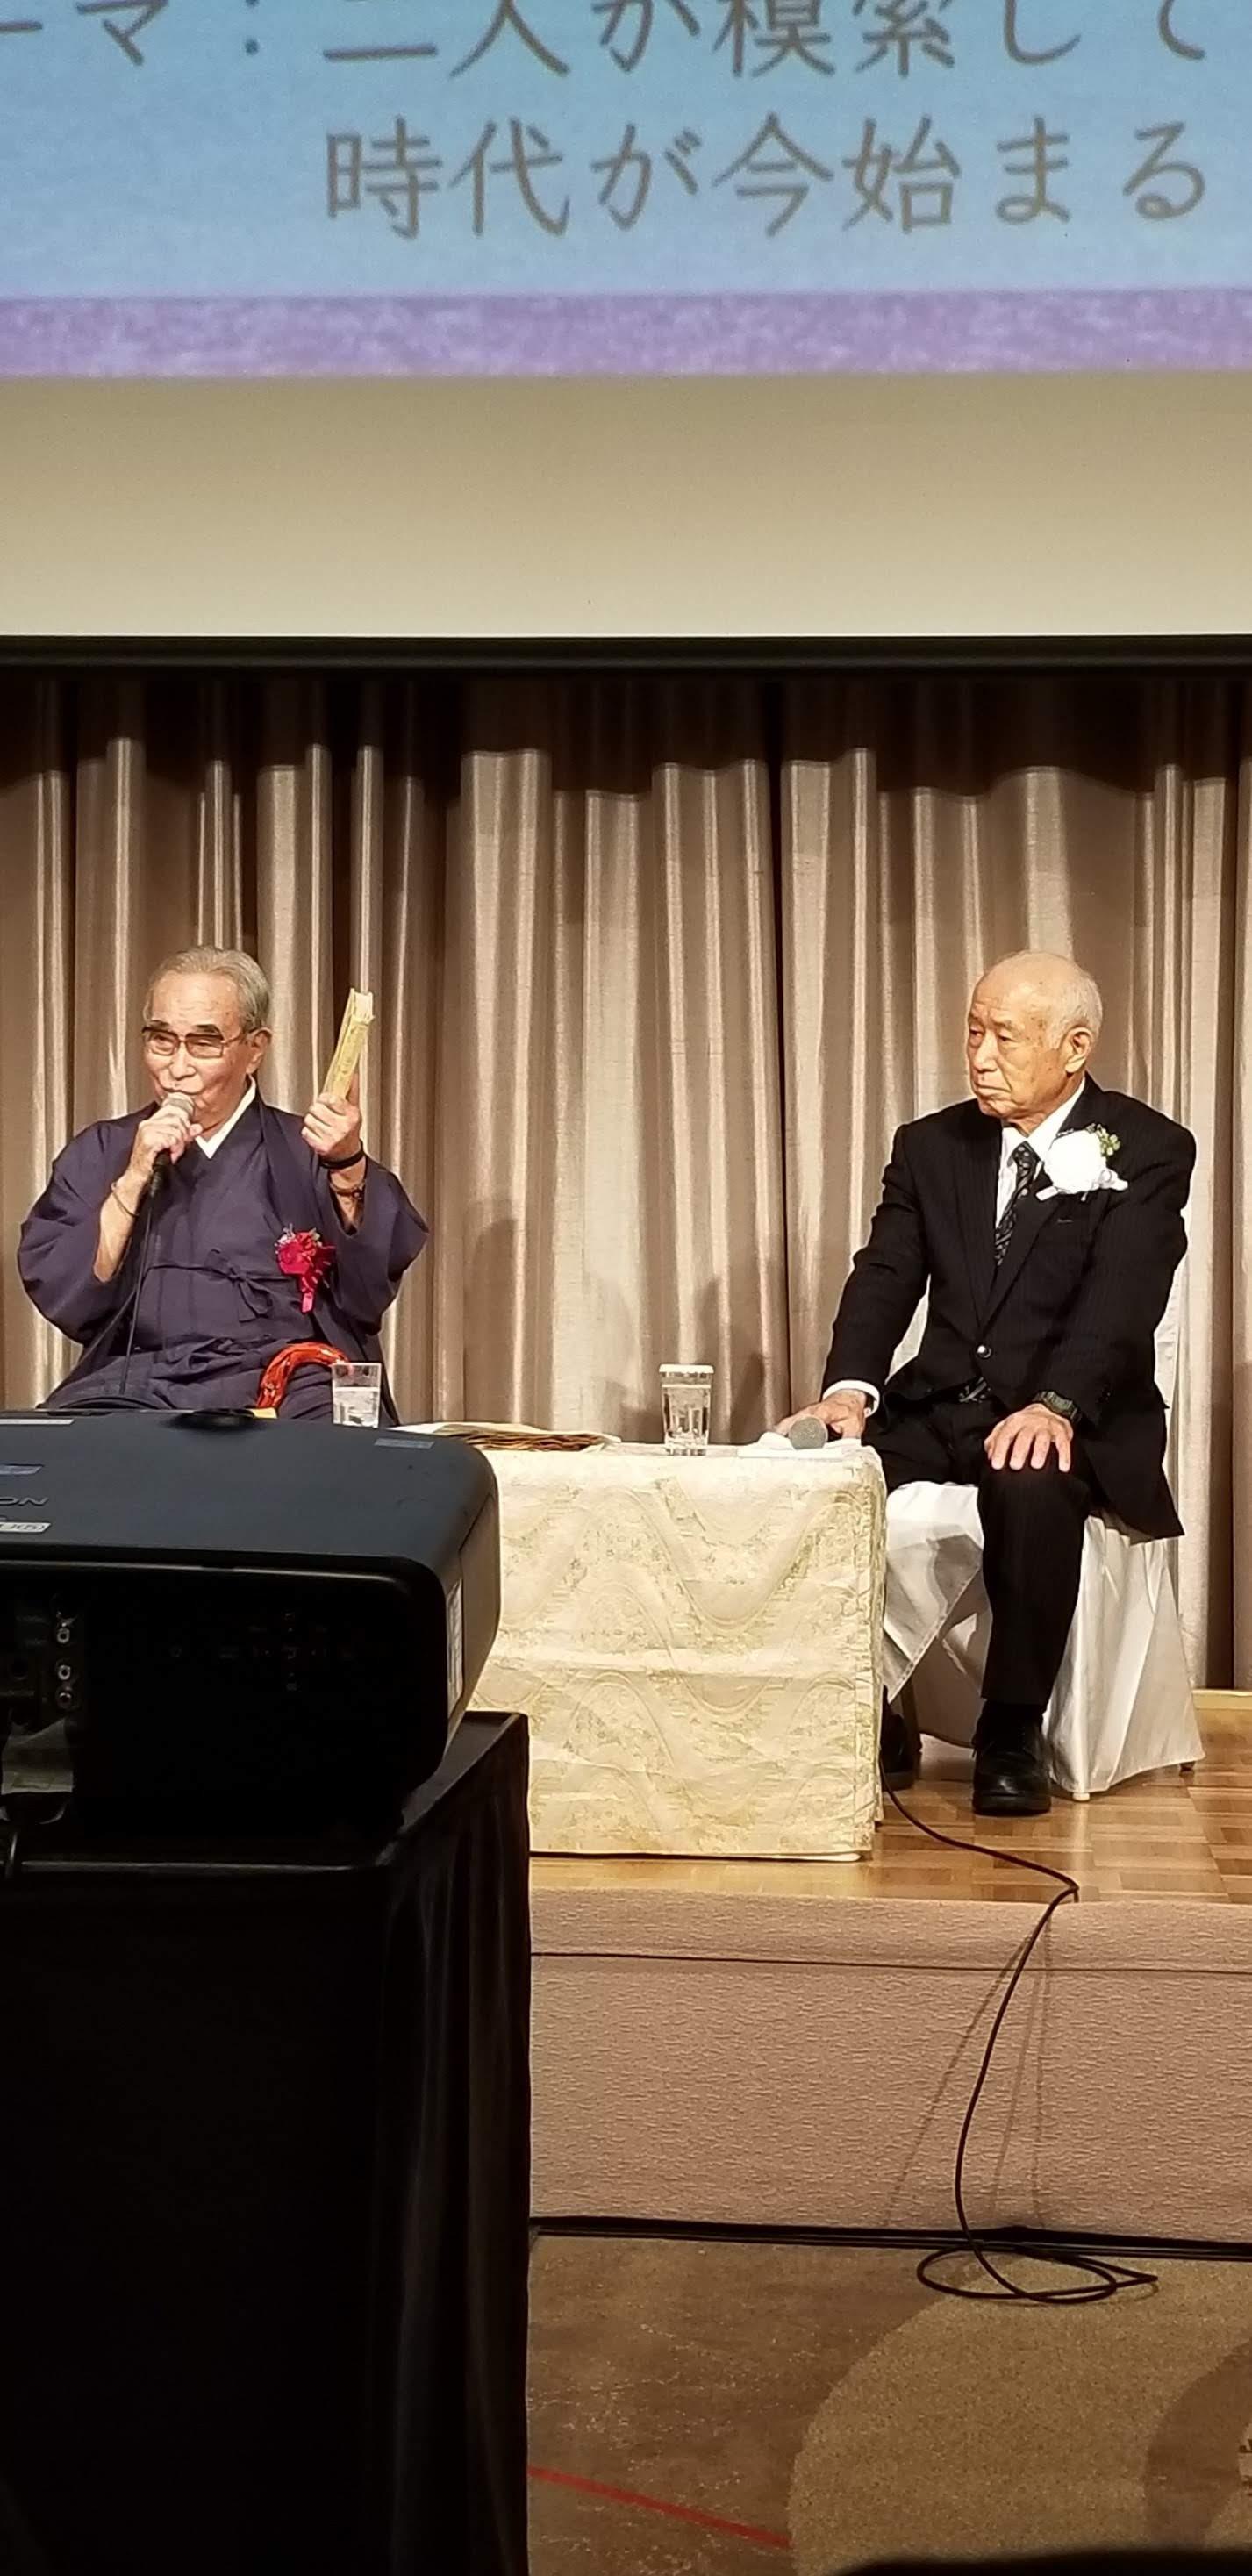 af190680e7f80d4a1b02103b1b6ca7b0 1 - 思風会全国大会in広島